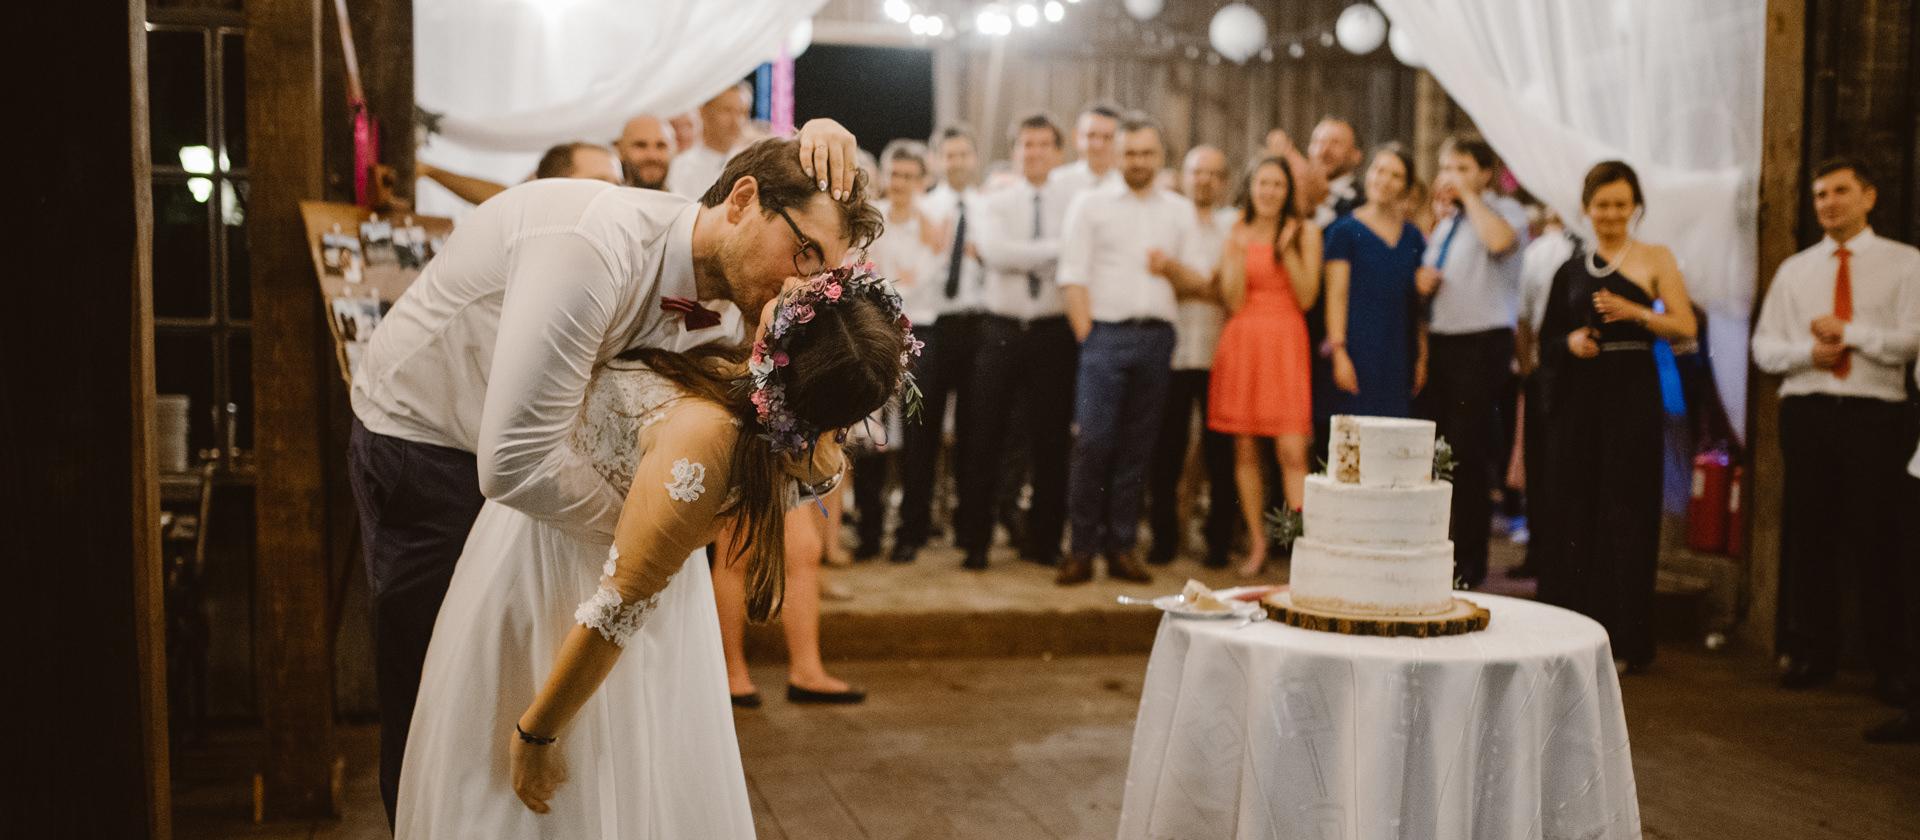 fotograf slubny krakow, zdjecia slubne krakow, wesele w stodole folwark wiazy